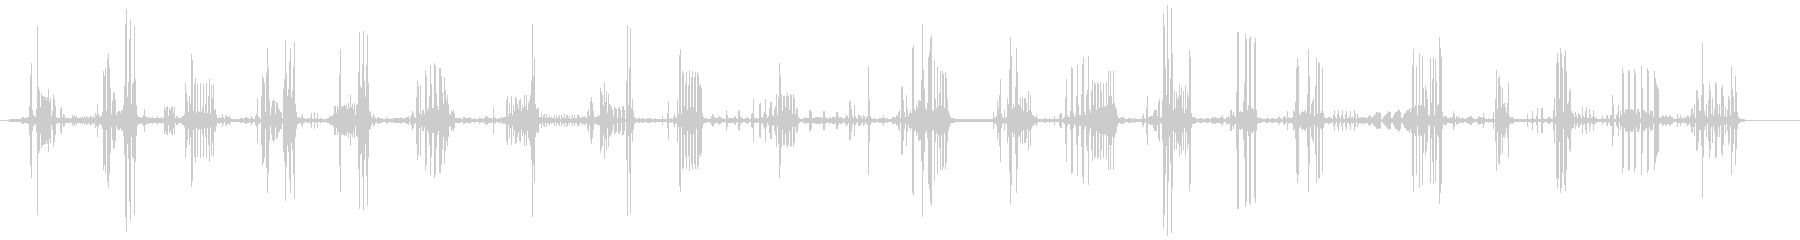 ナイチンゲール-ロシニョールの未再生の波形